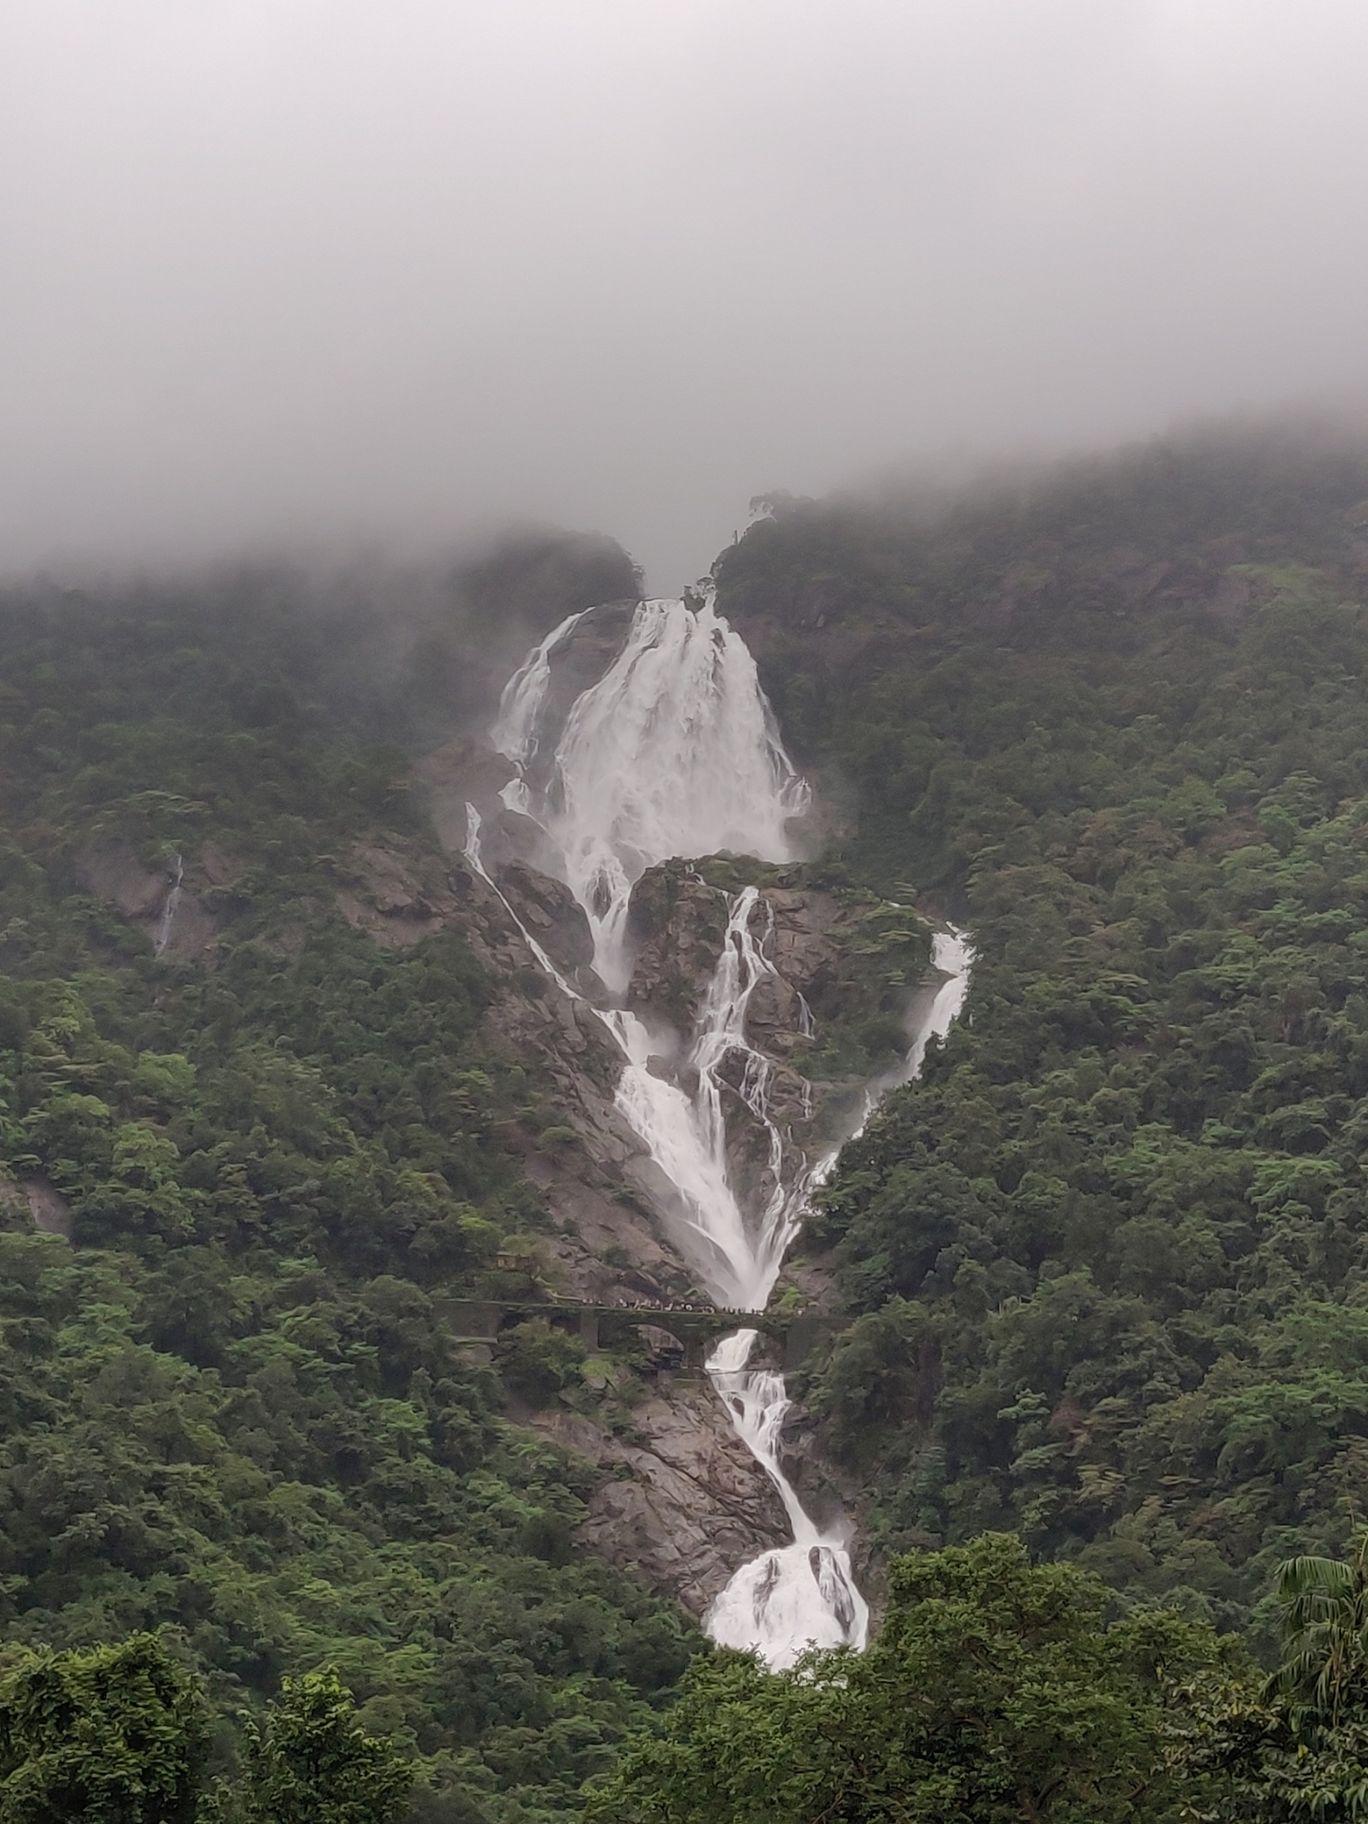 Photo of Dudhsagar Falls By Chandrakanth K